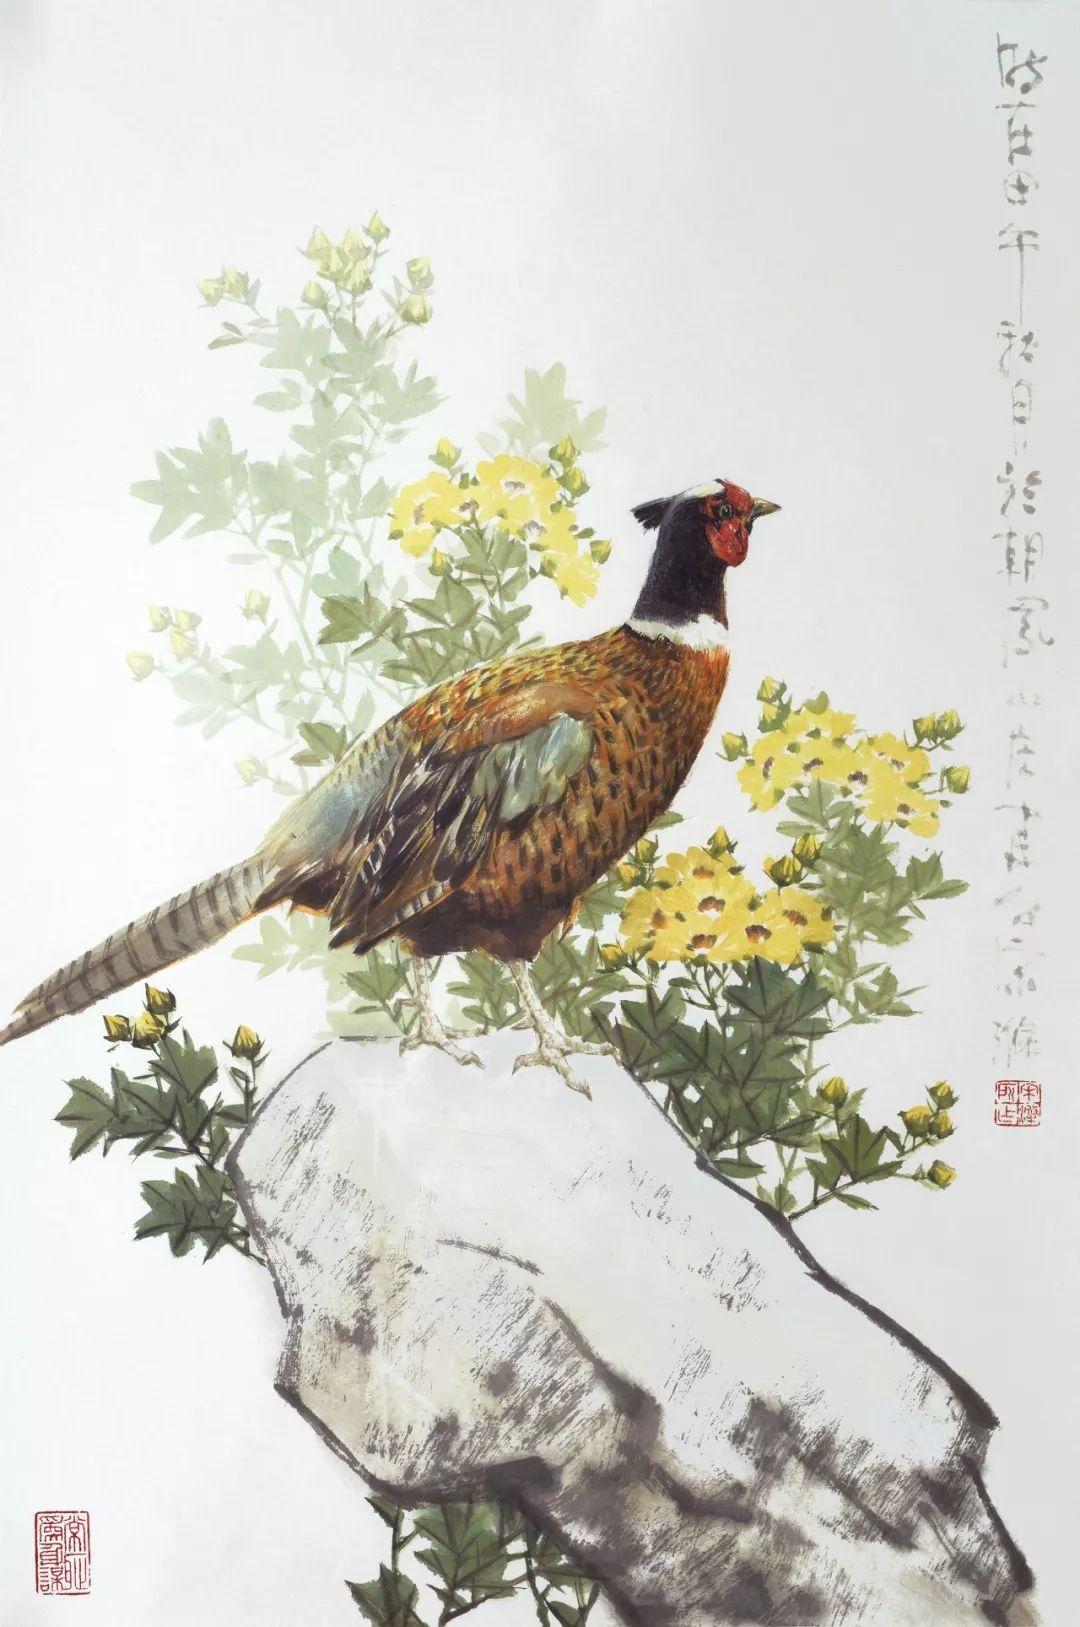 成都千公里归巢63羽 冠军鸽照片(图)-信鸽资讯-中国信鸽信息网